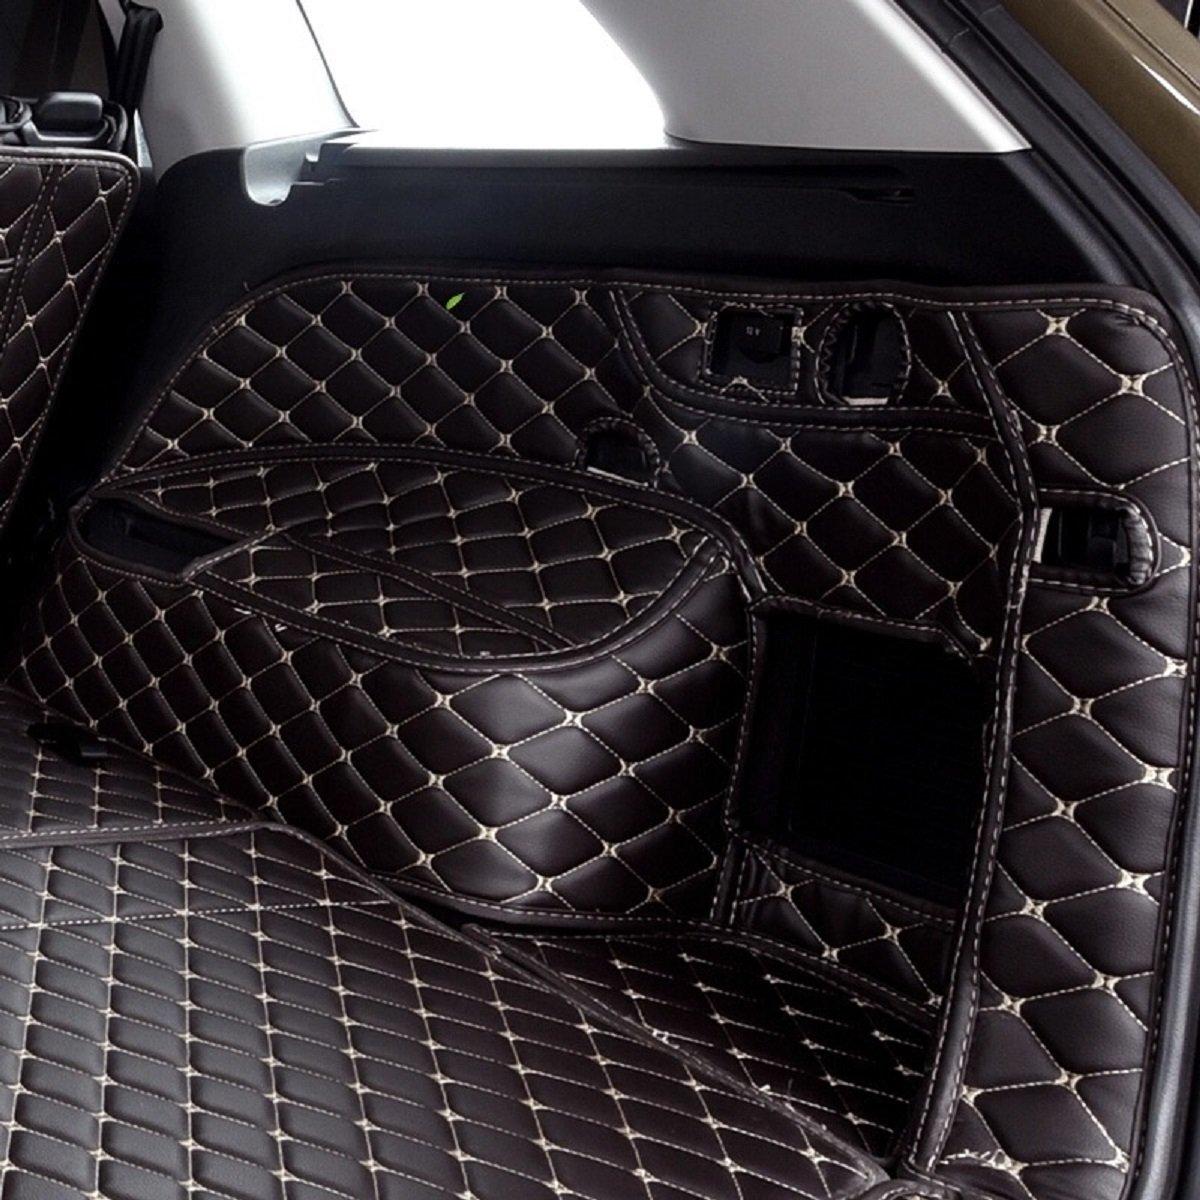 Emblem Trading Kofferraum Kofferraumwanne Kofferraummatte Kofferraumdecke Kofferaumschutzmatte Schutzmatte Seitenmatten XPE Leder B8 Variant Schwarz Mit Beigem Faden